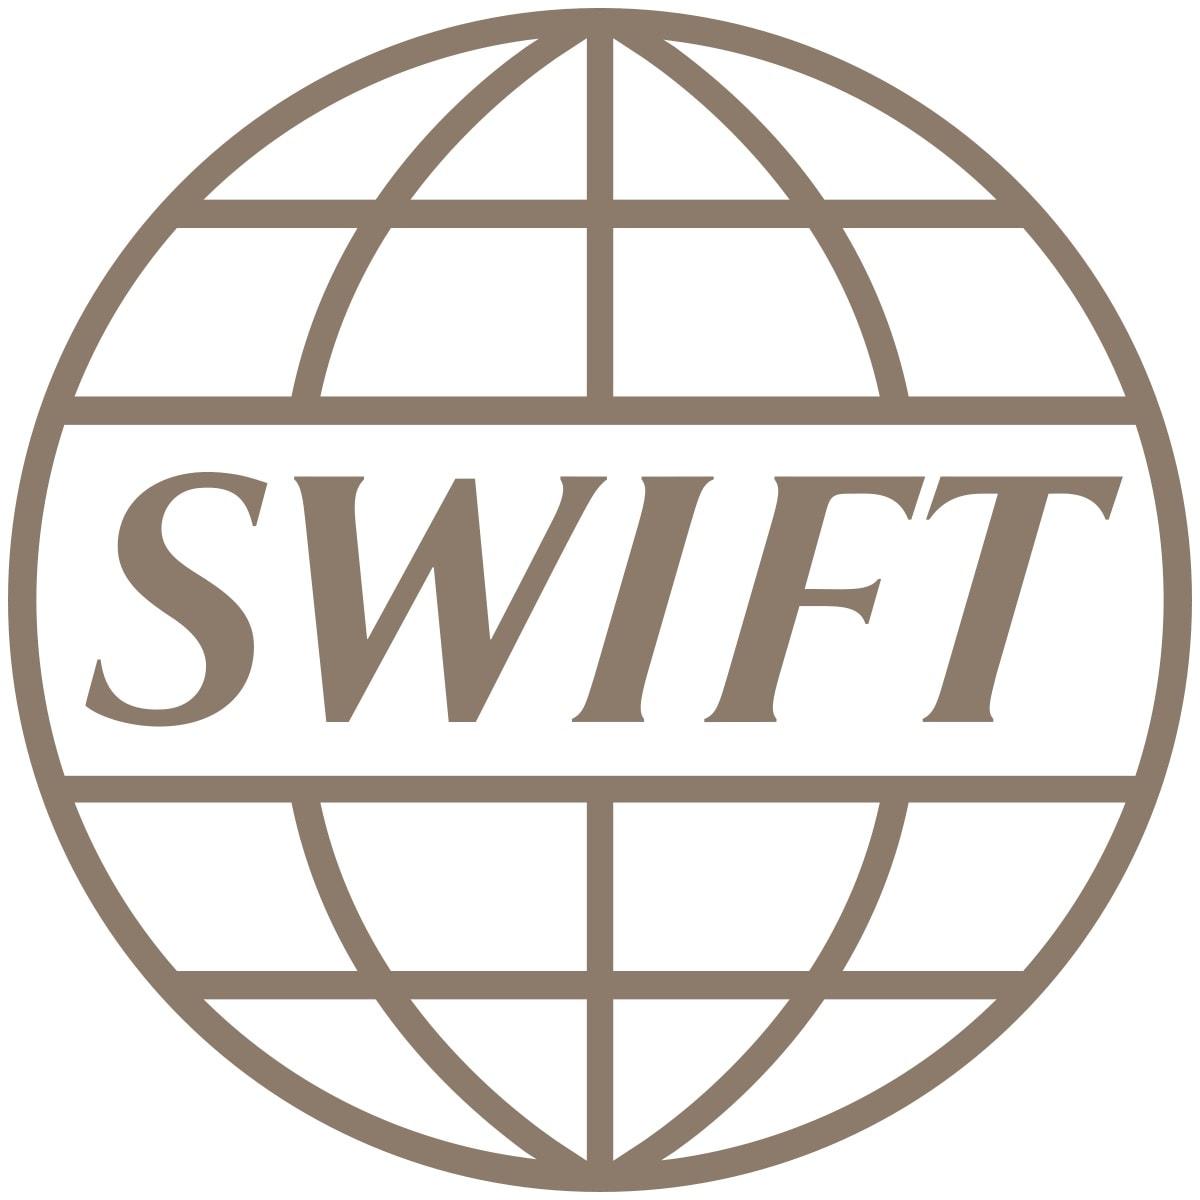 Qu'est-ce qu'un code SWIFT et comment le trouver ?